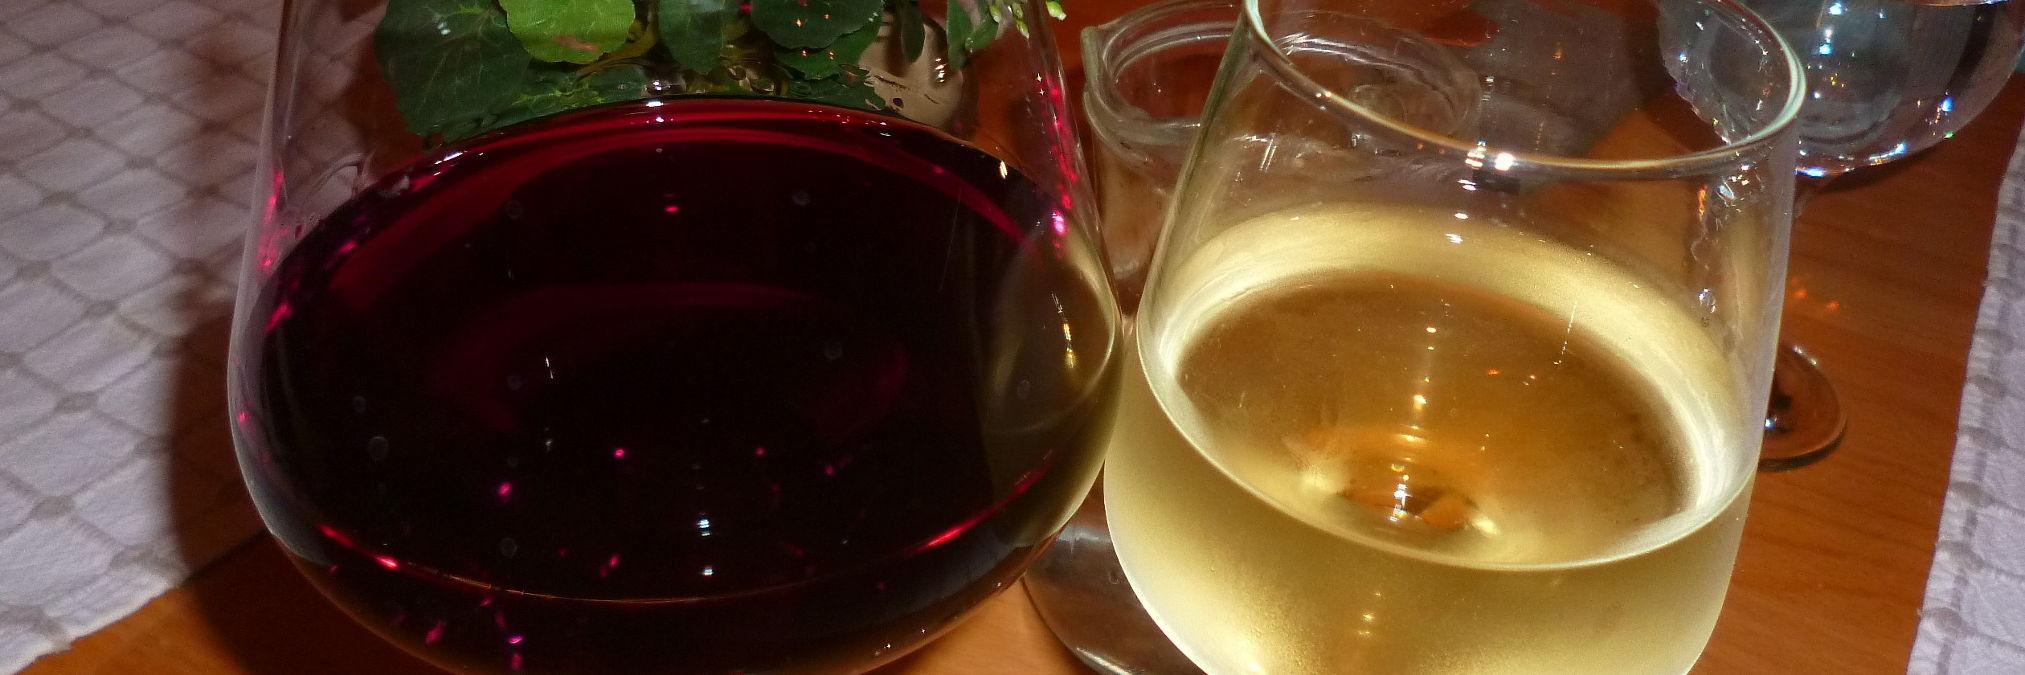 Вечер на винодельне